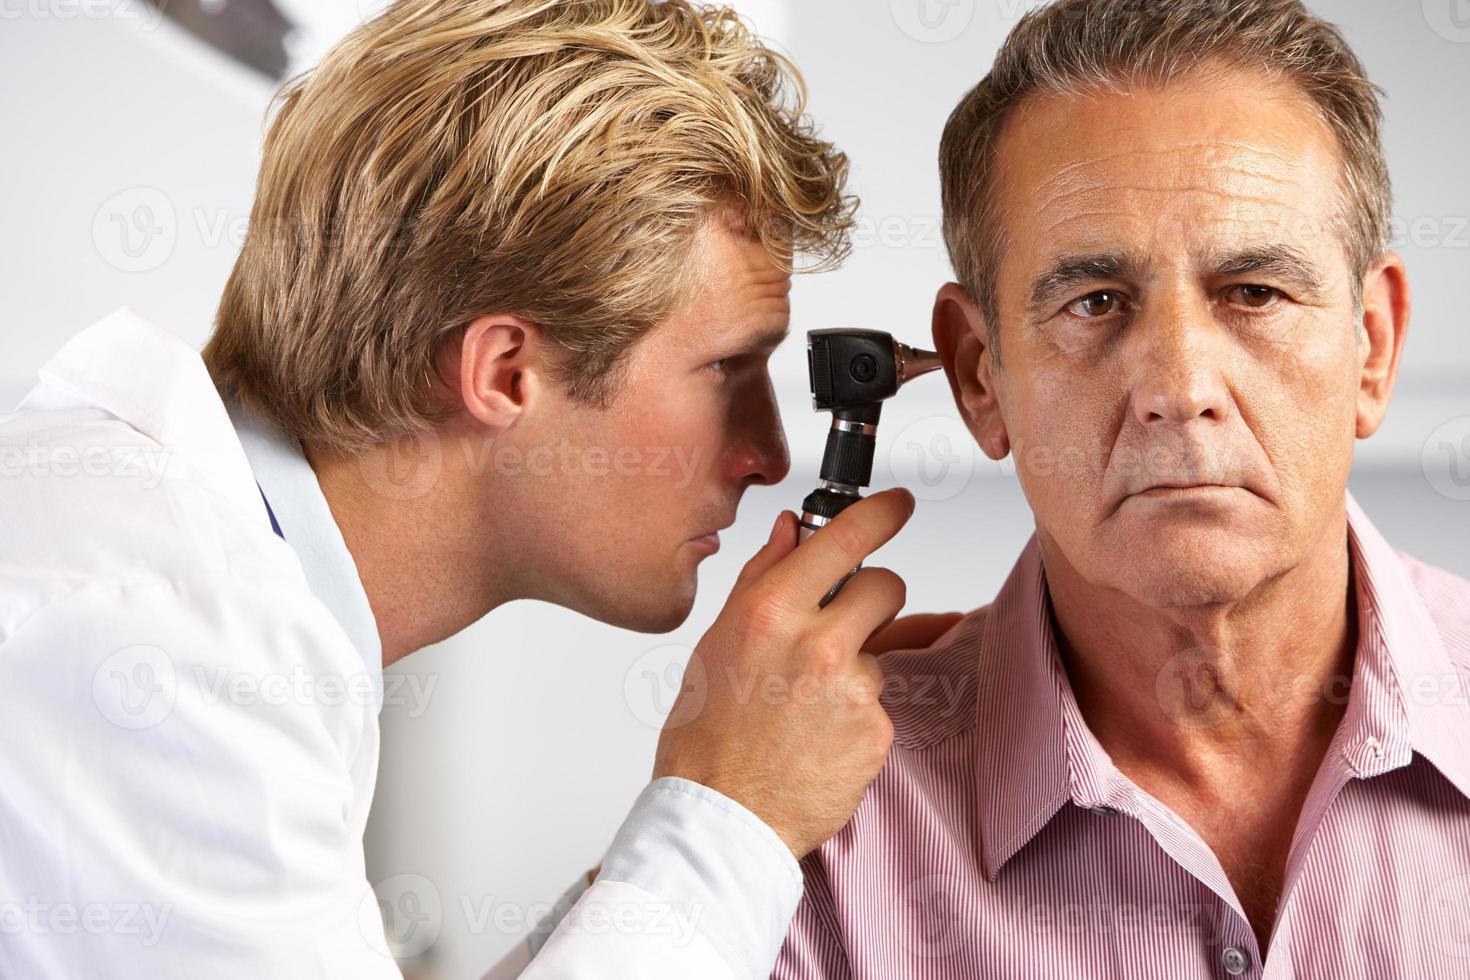 medico che esamina le orecchie del paziente maschio foto